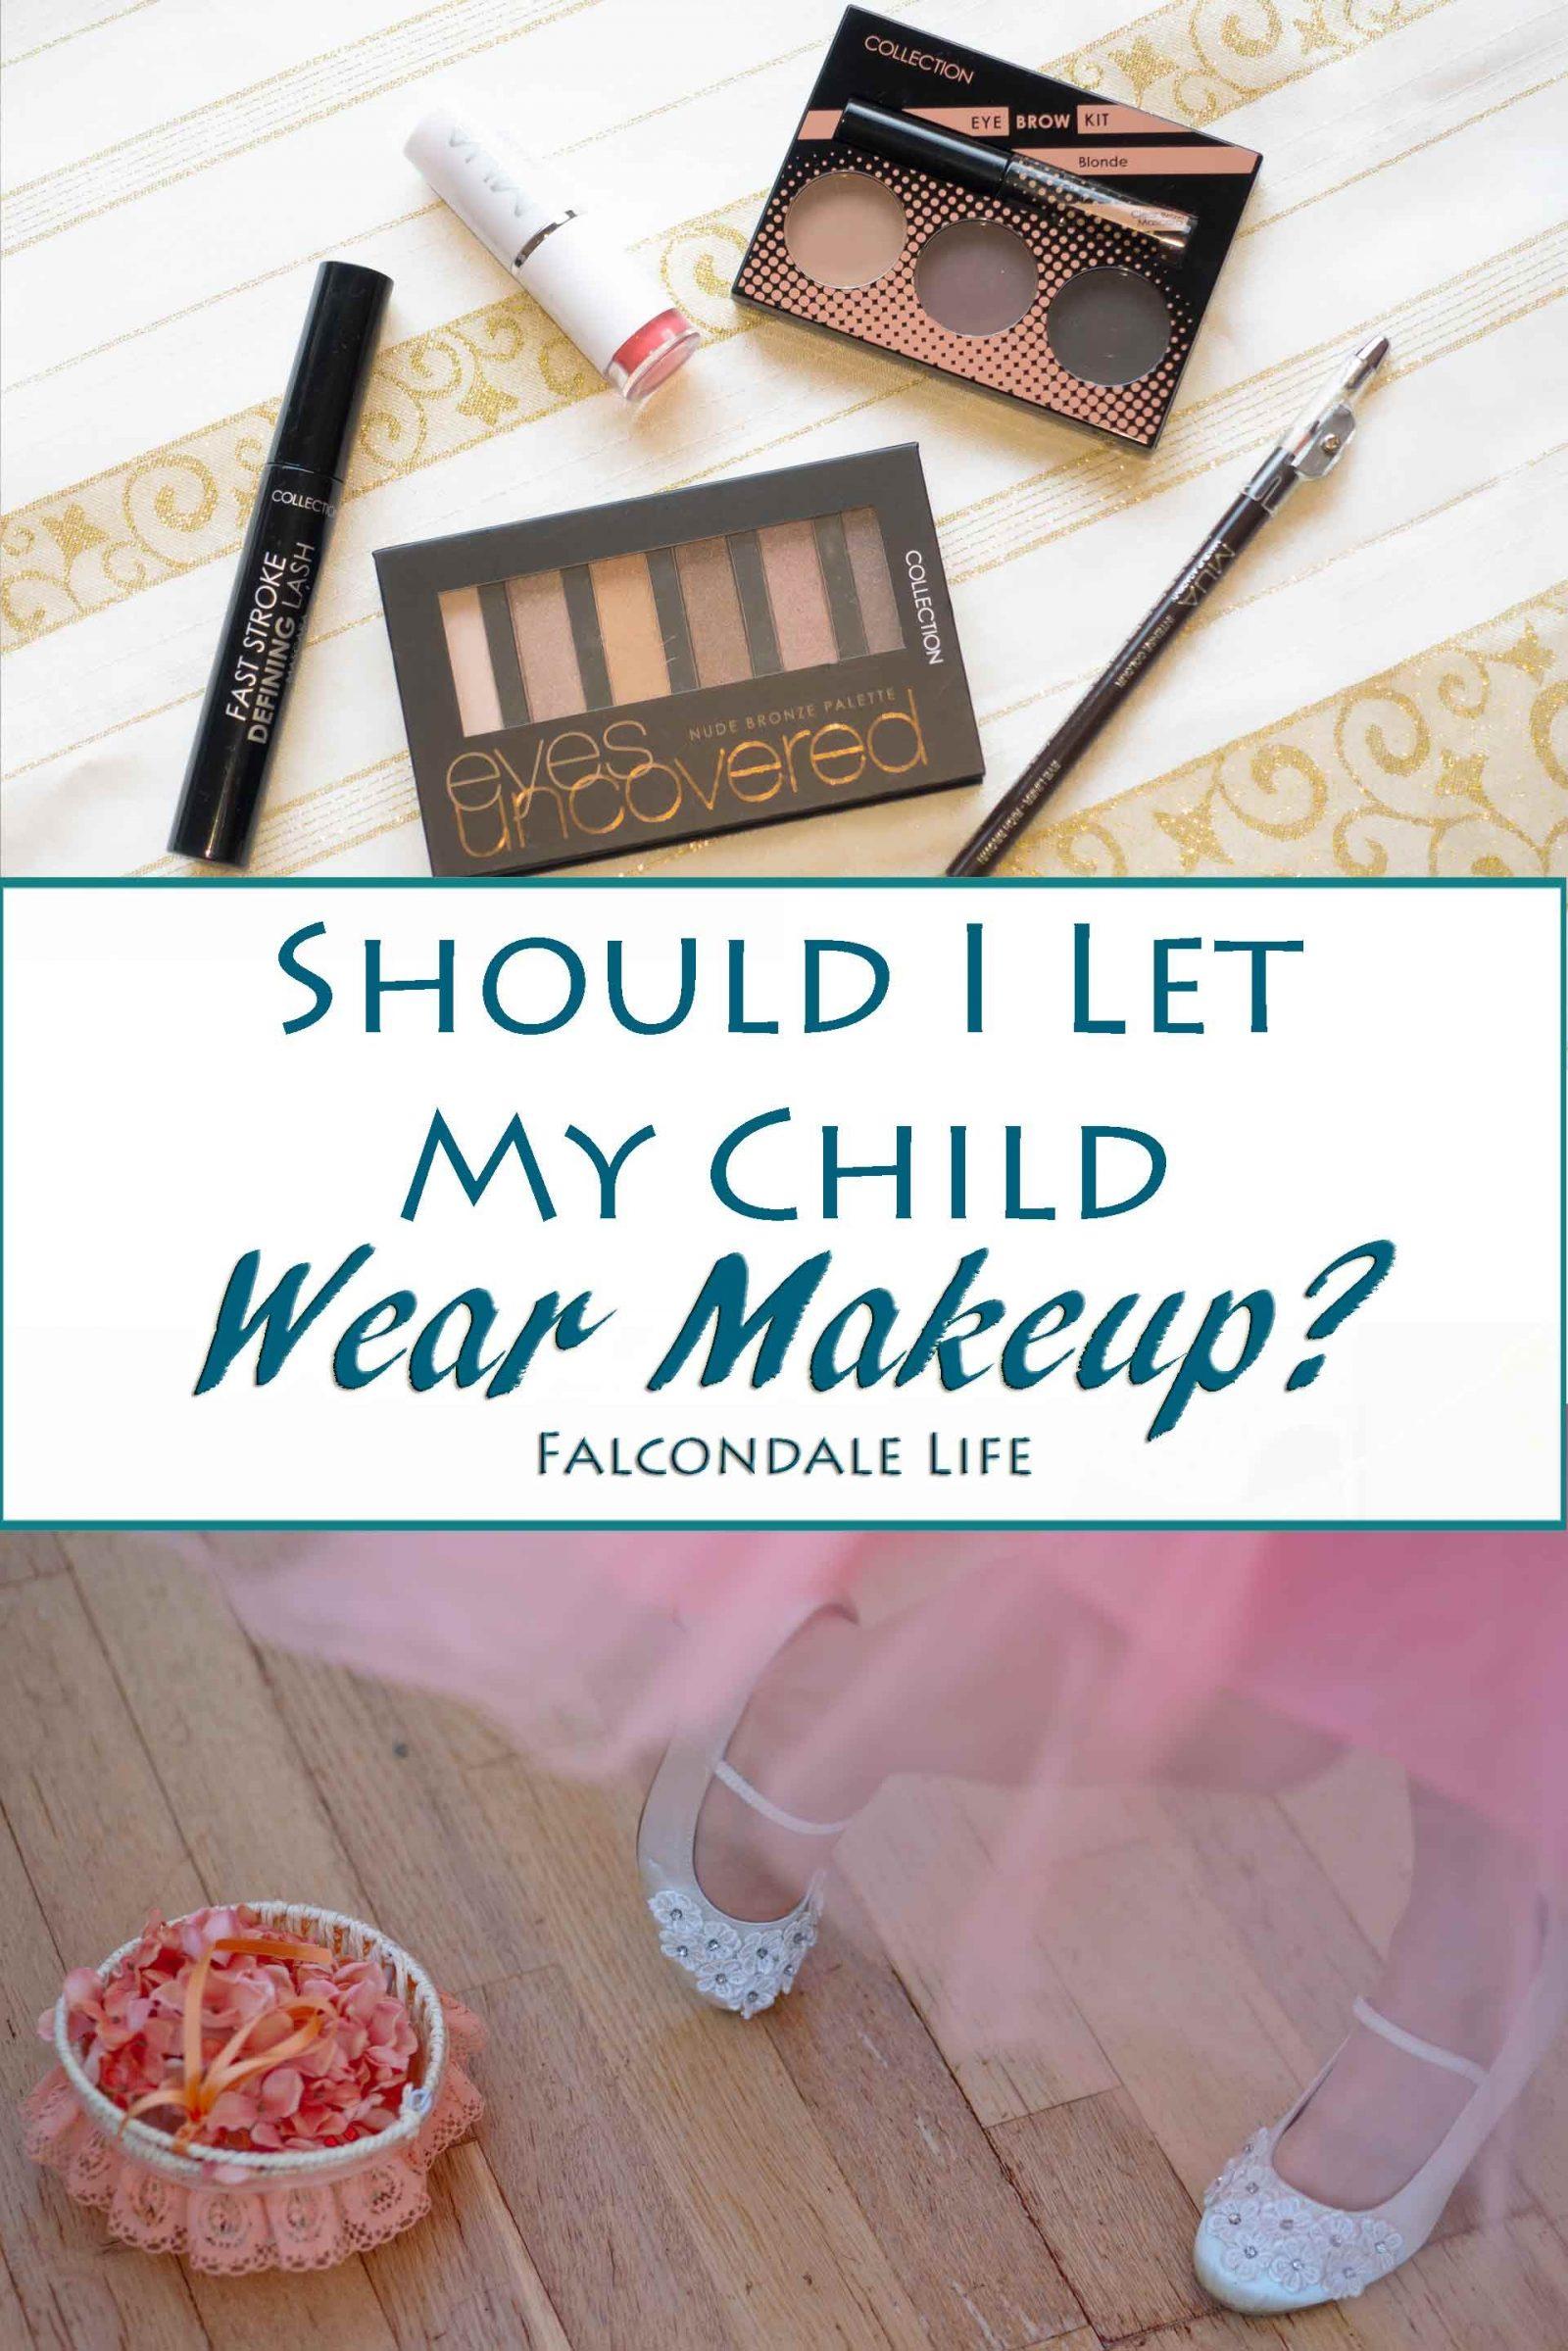 Should I Let My Child Wear Makeup?